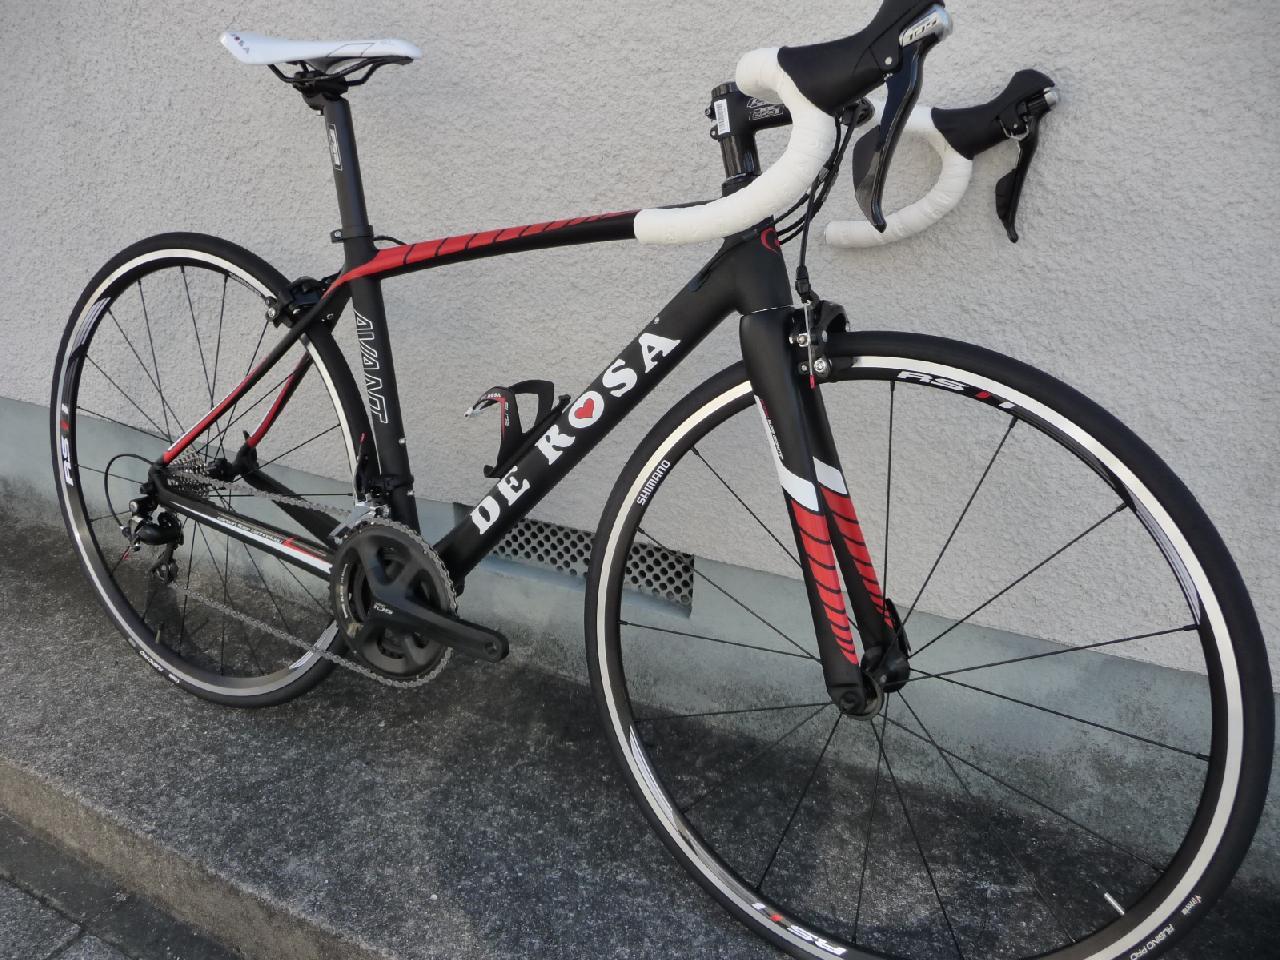 自転車の 自転車 マットカラー : ... スポーツ用品 増谷自転車